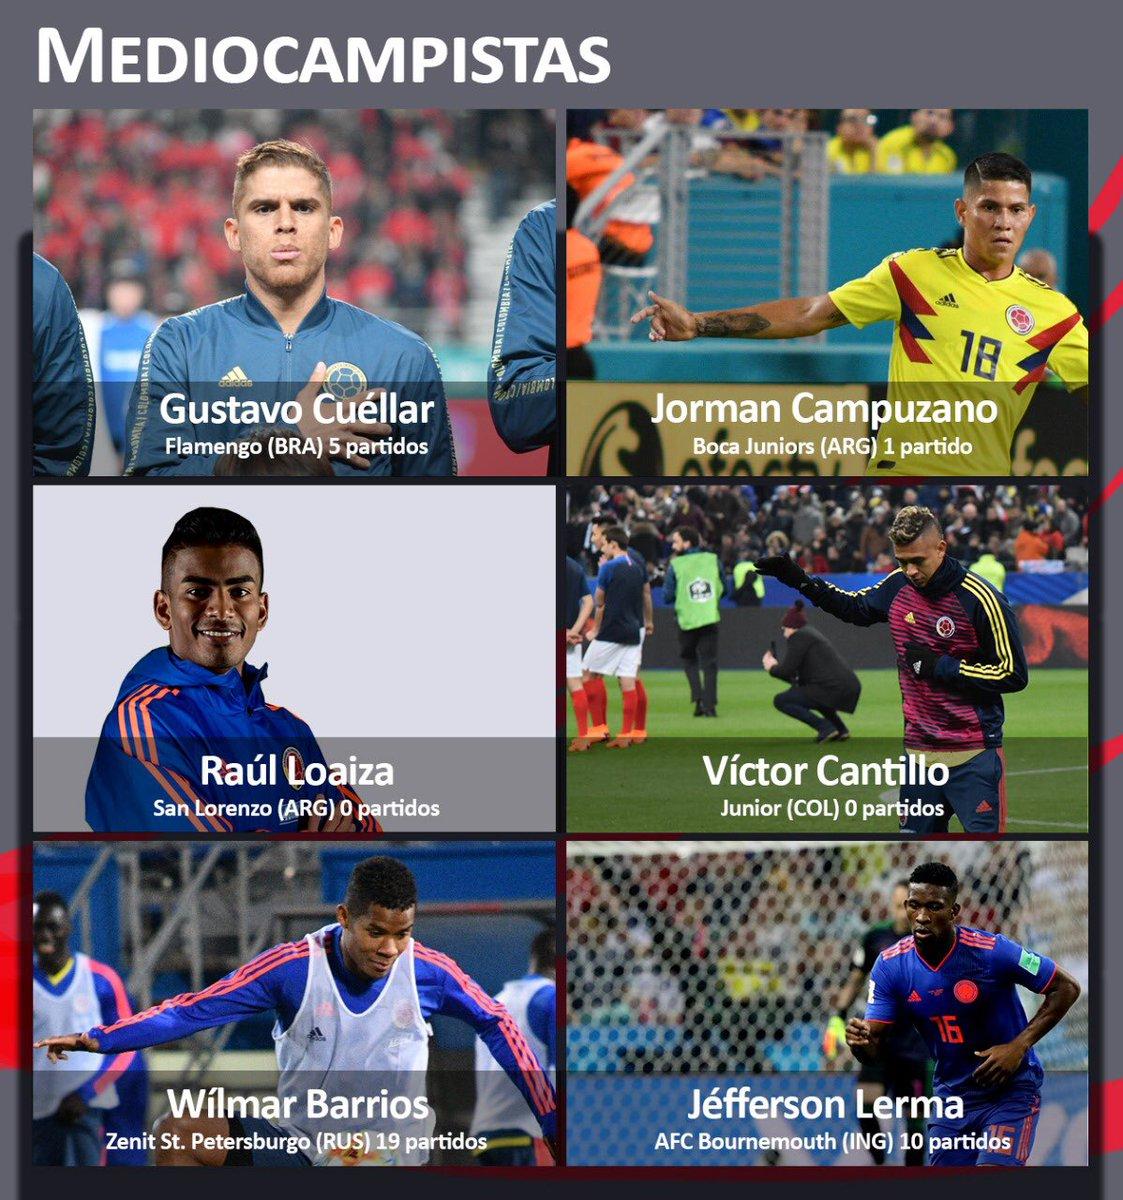 Estos son los mediocampistas de la Selección Colombia en la lista provisional de la @CopaAmerica.   #ListaDe40